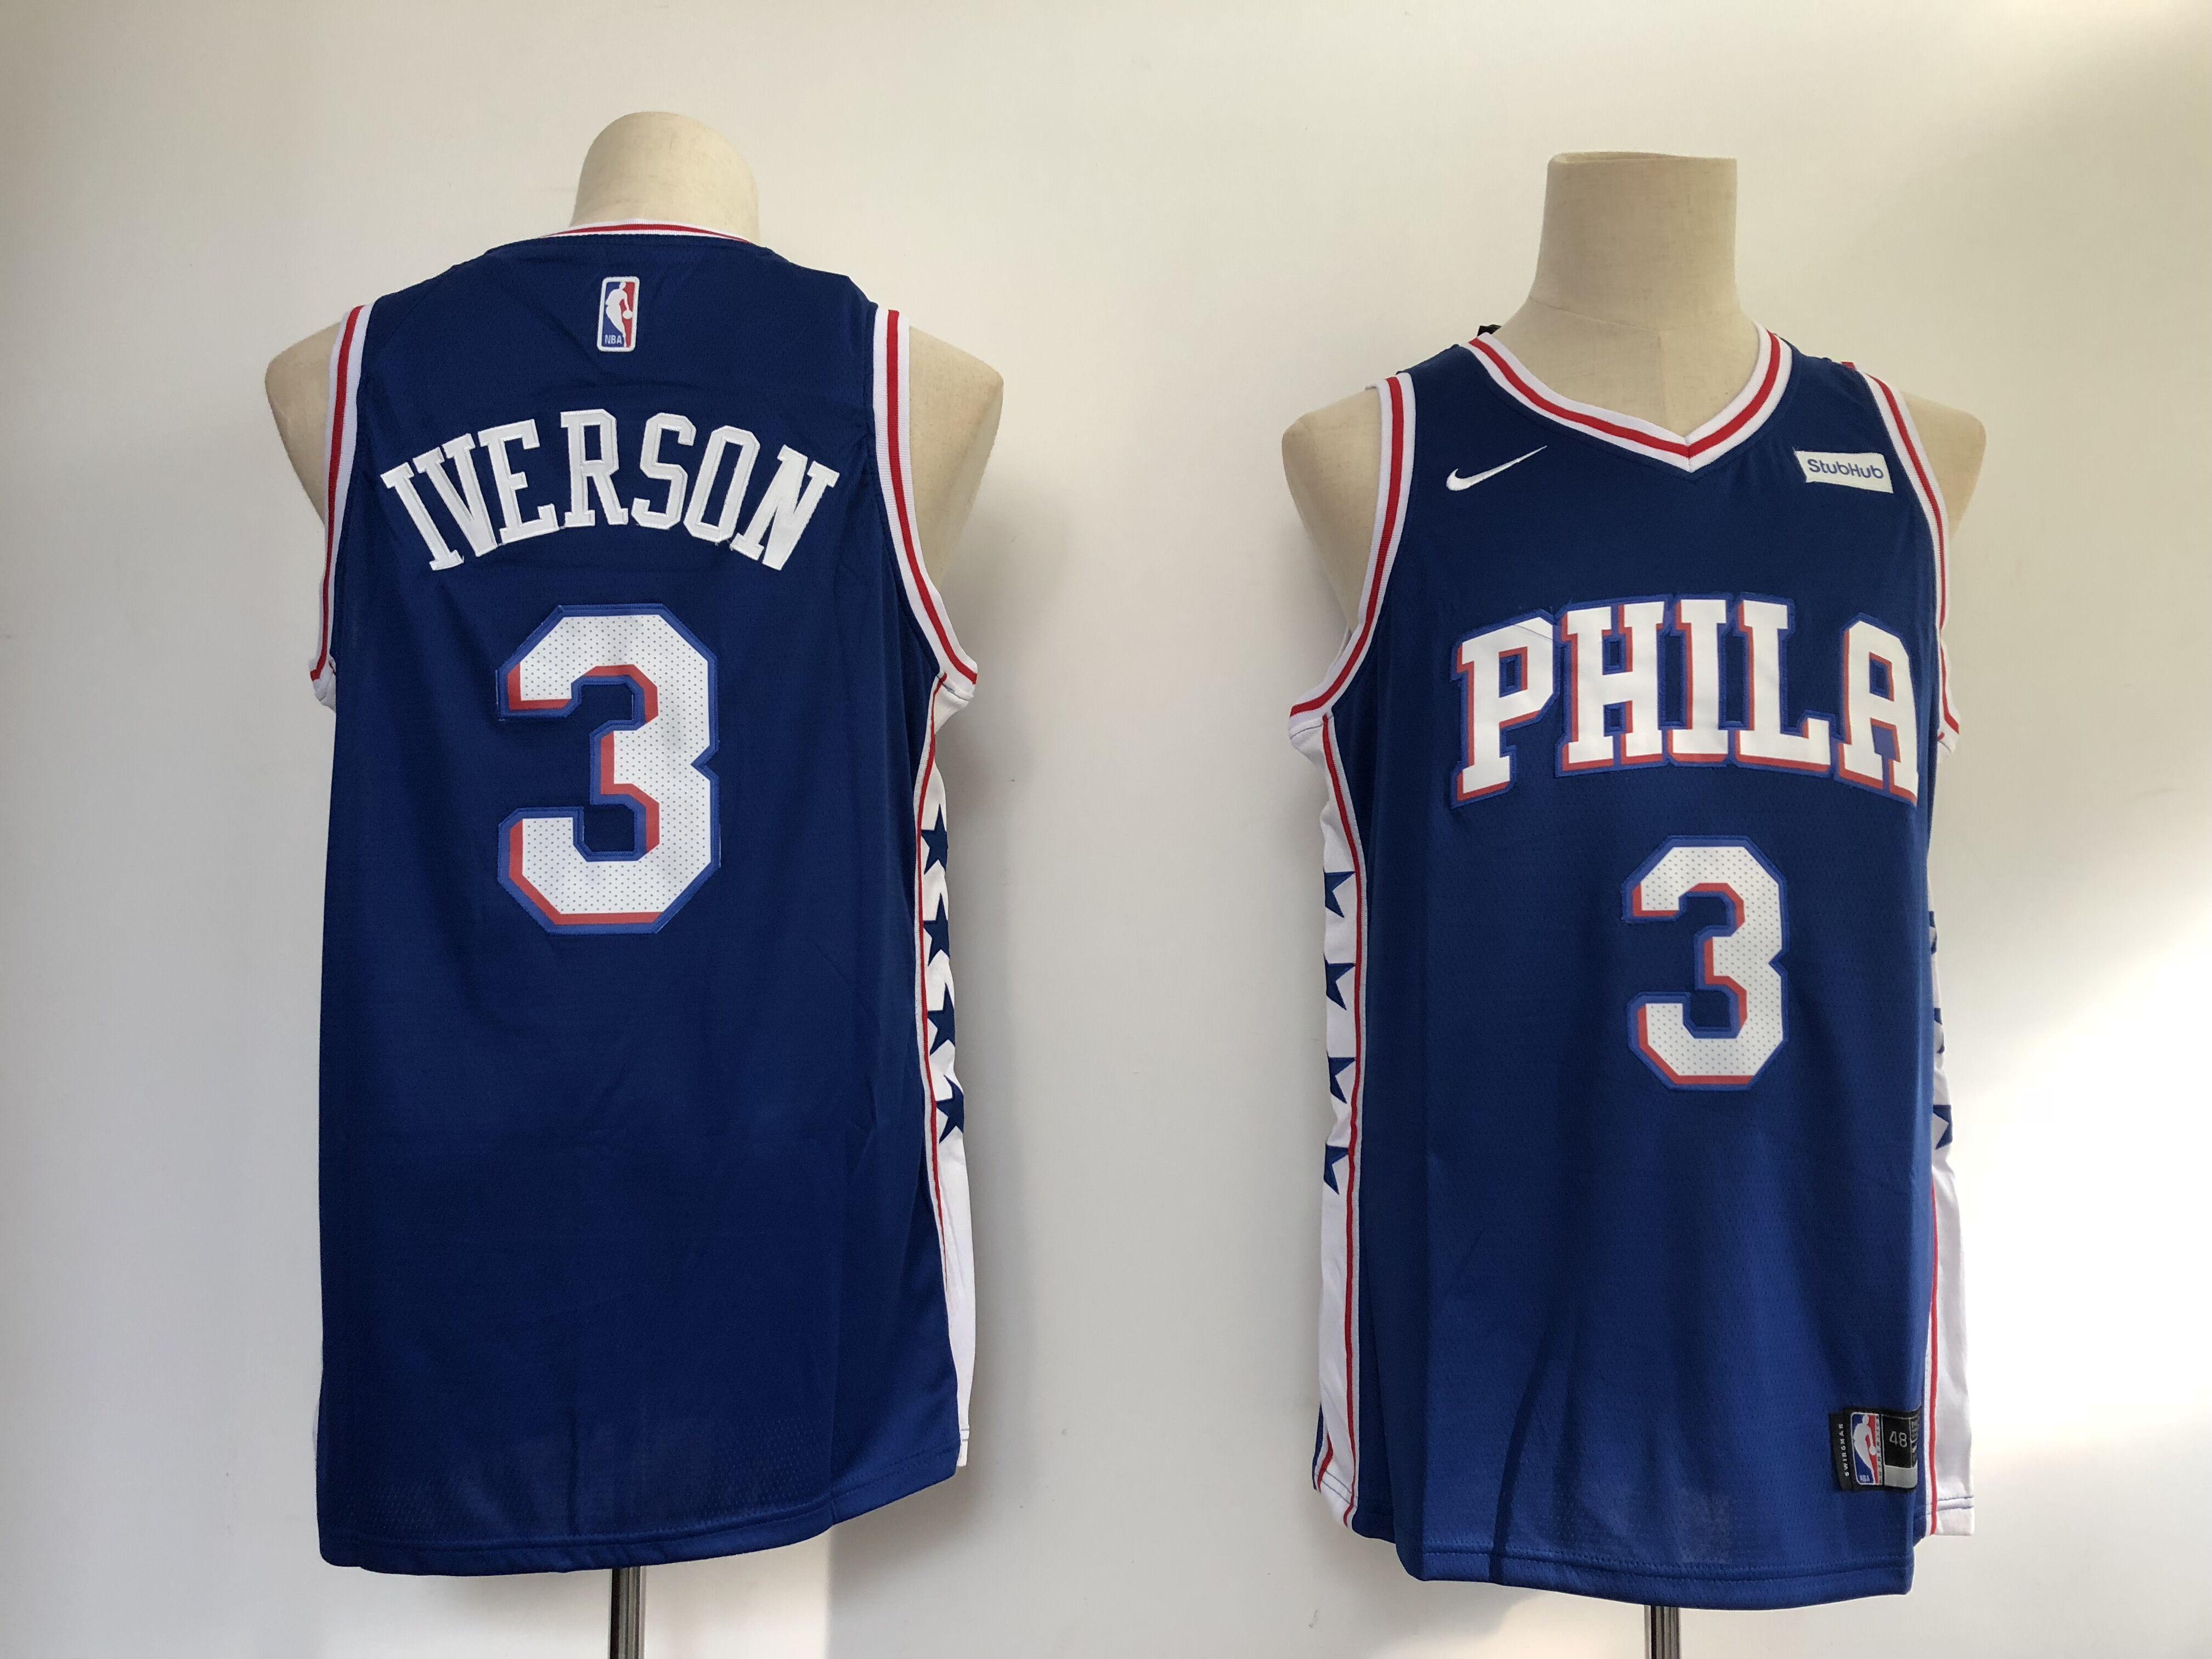 76ers 3 Allen Iverson Blue Nike Swingman Jersey